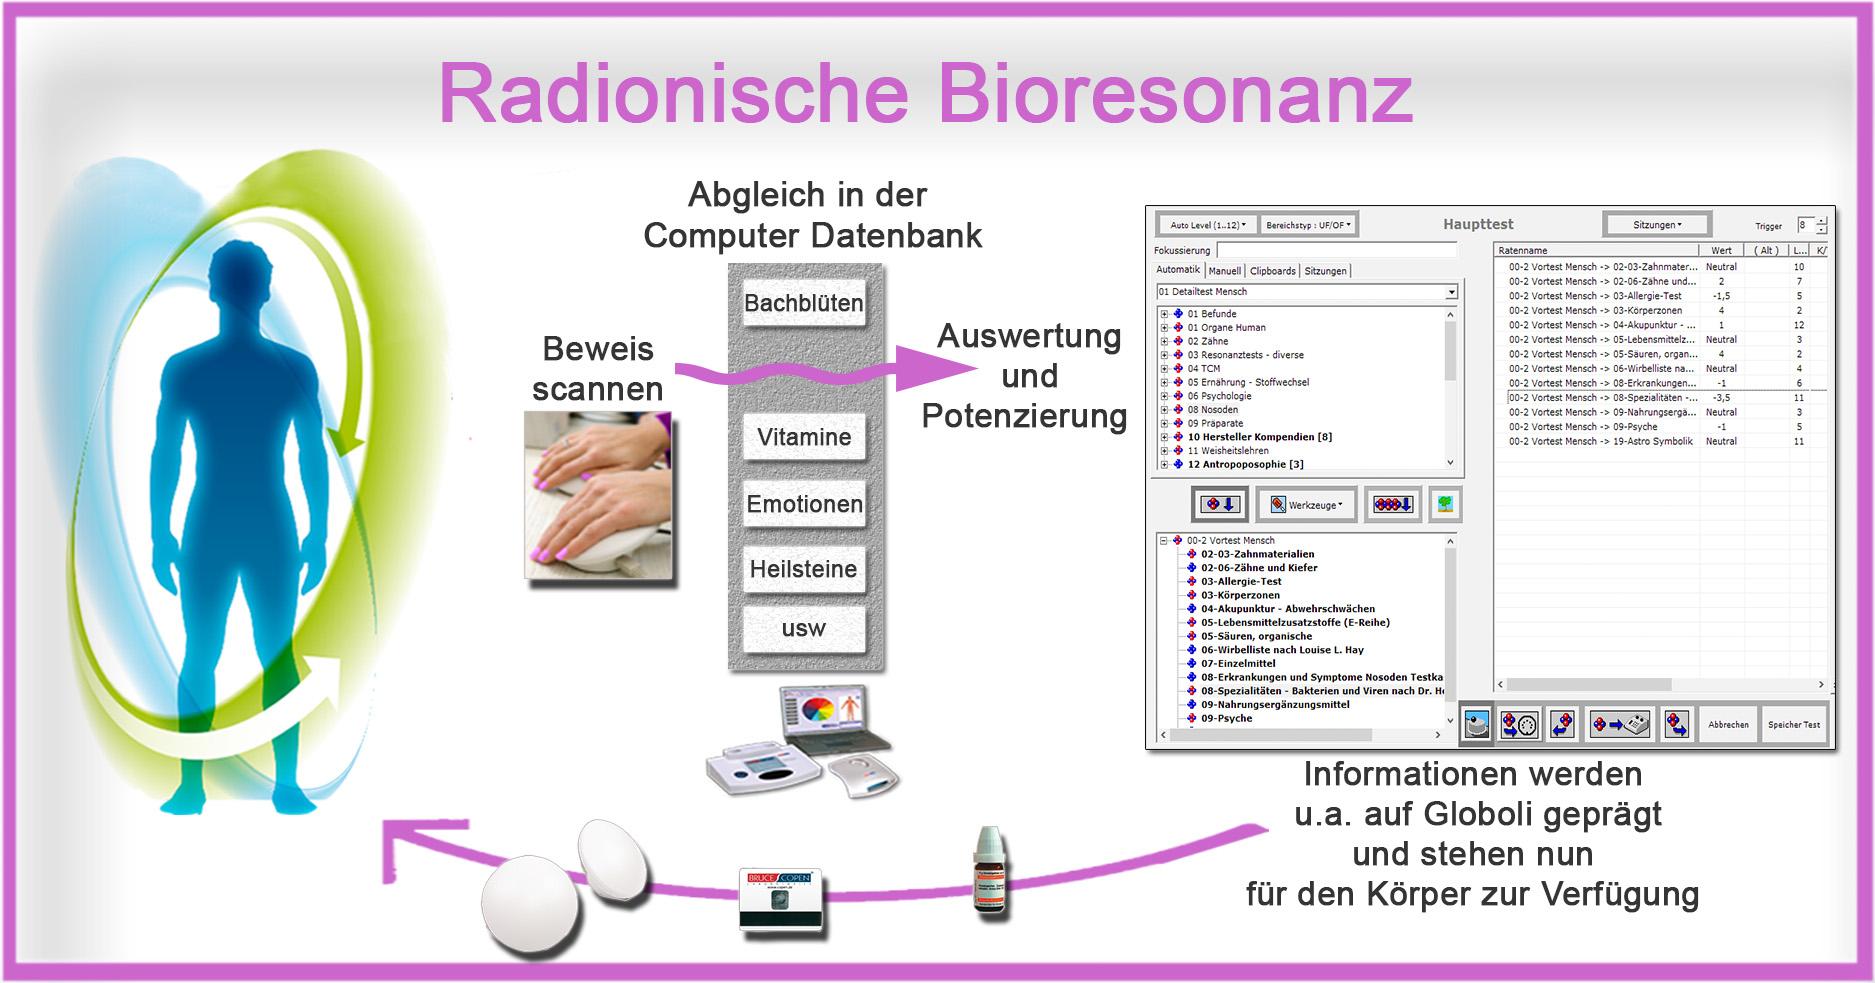 Radionische Bioresonanz